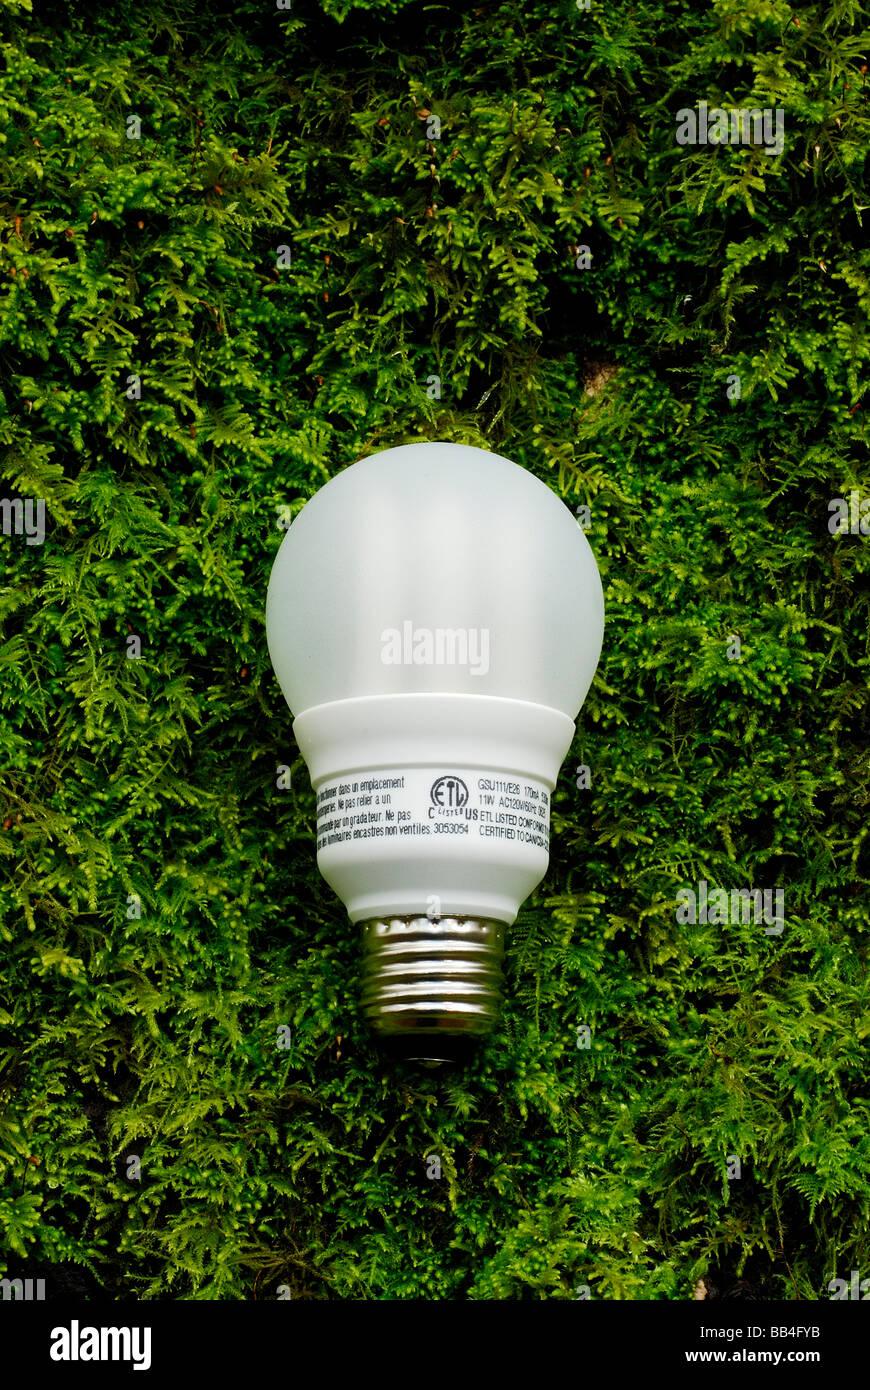 Energy efficient lightbulb. - Stock Image